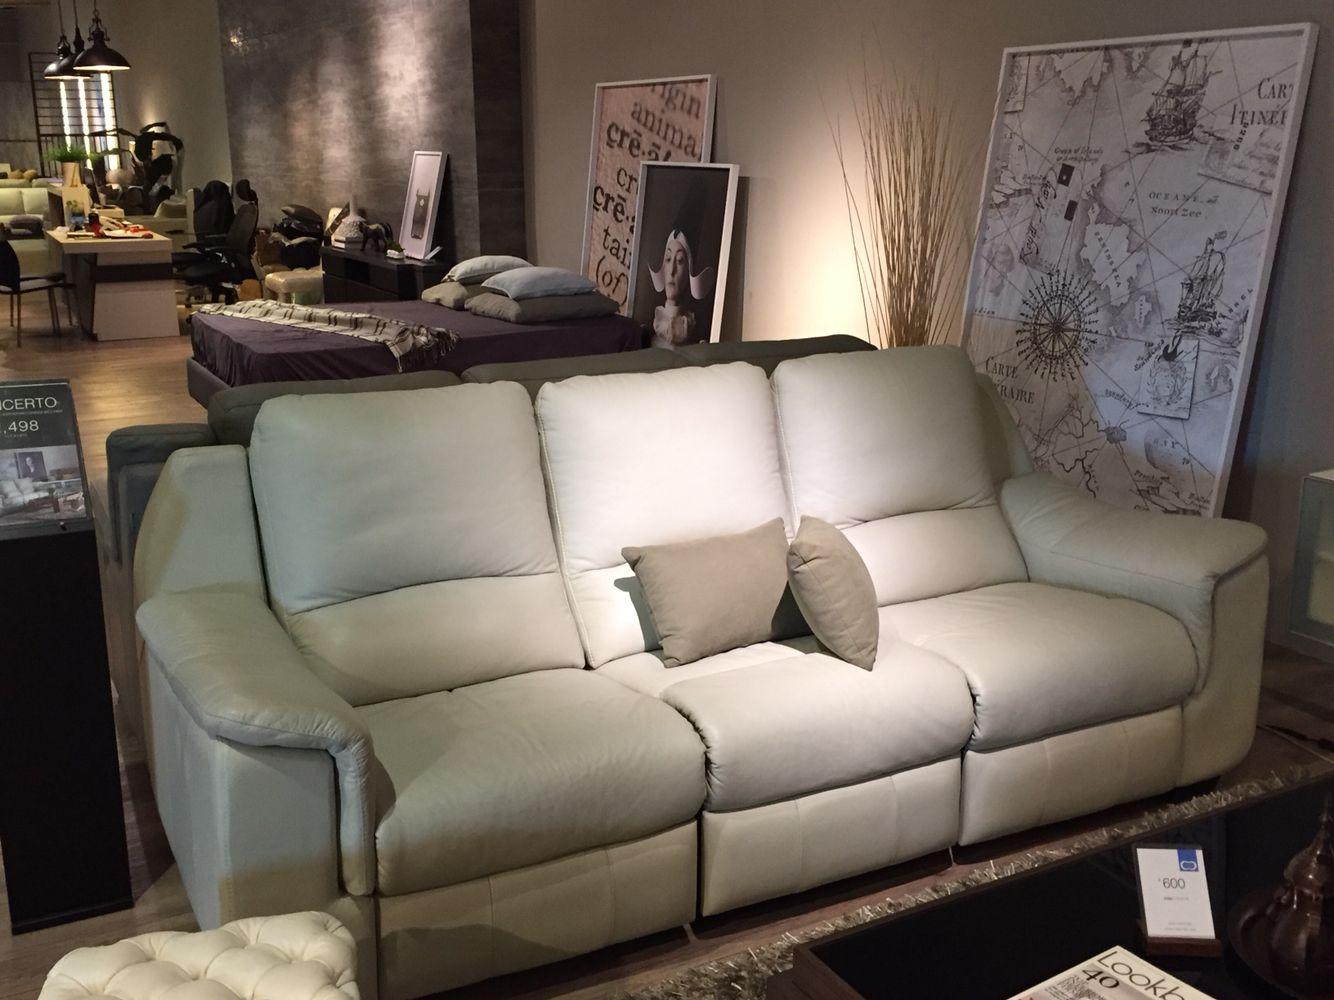 Cellini Sofa concerto cellini 2 seater 1 62m recliner comfortable and